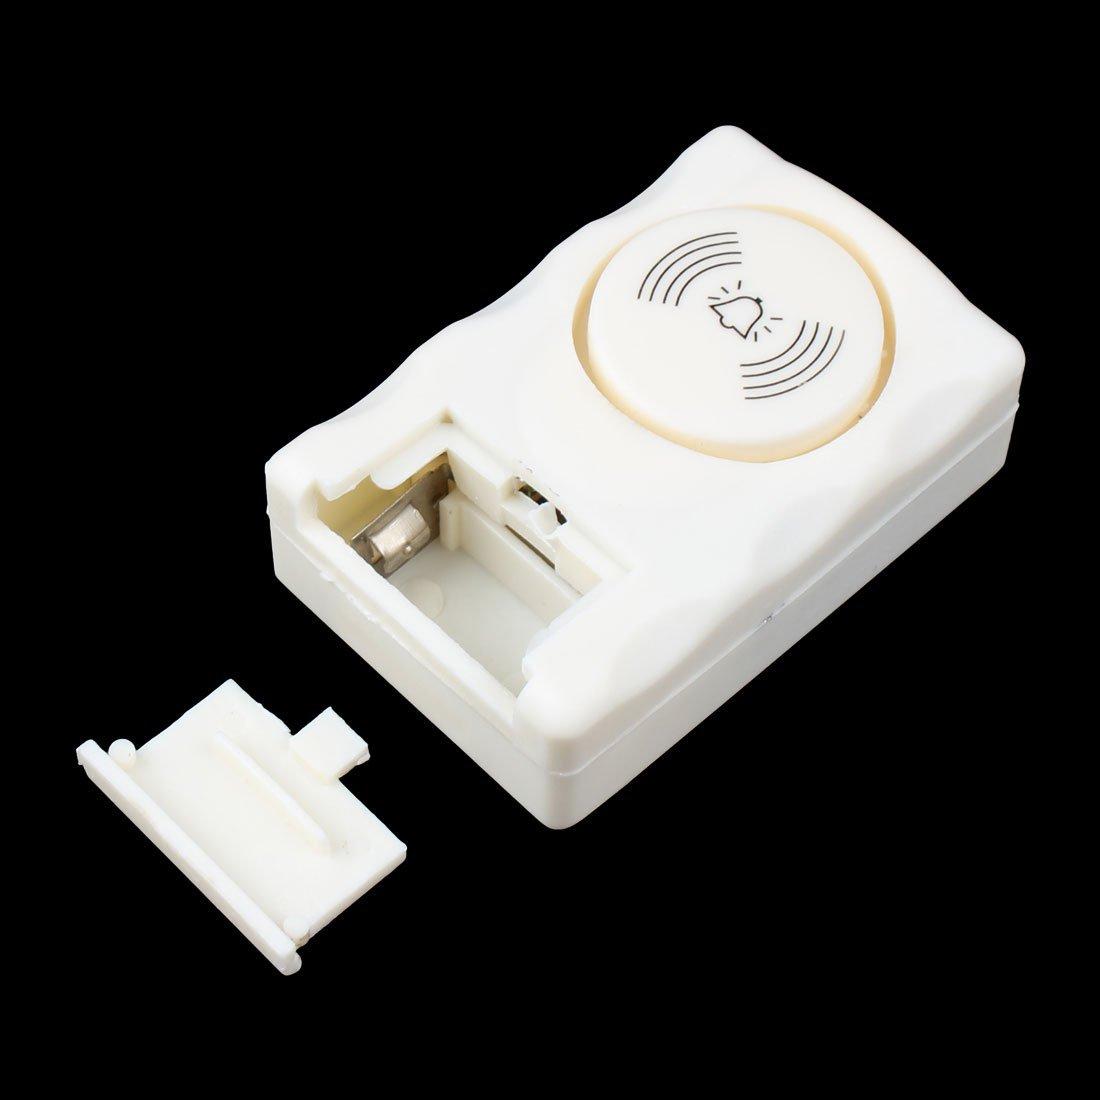 Amazon.com: eDealMax Protección de Seguridad del Ministerio del Interior Ventana de la puerta de entrada Inalámbrico Sirena de alarma Blanca: Electronics